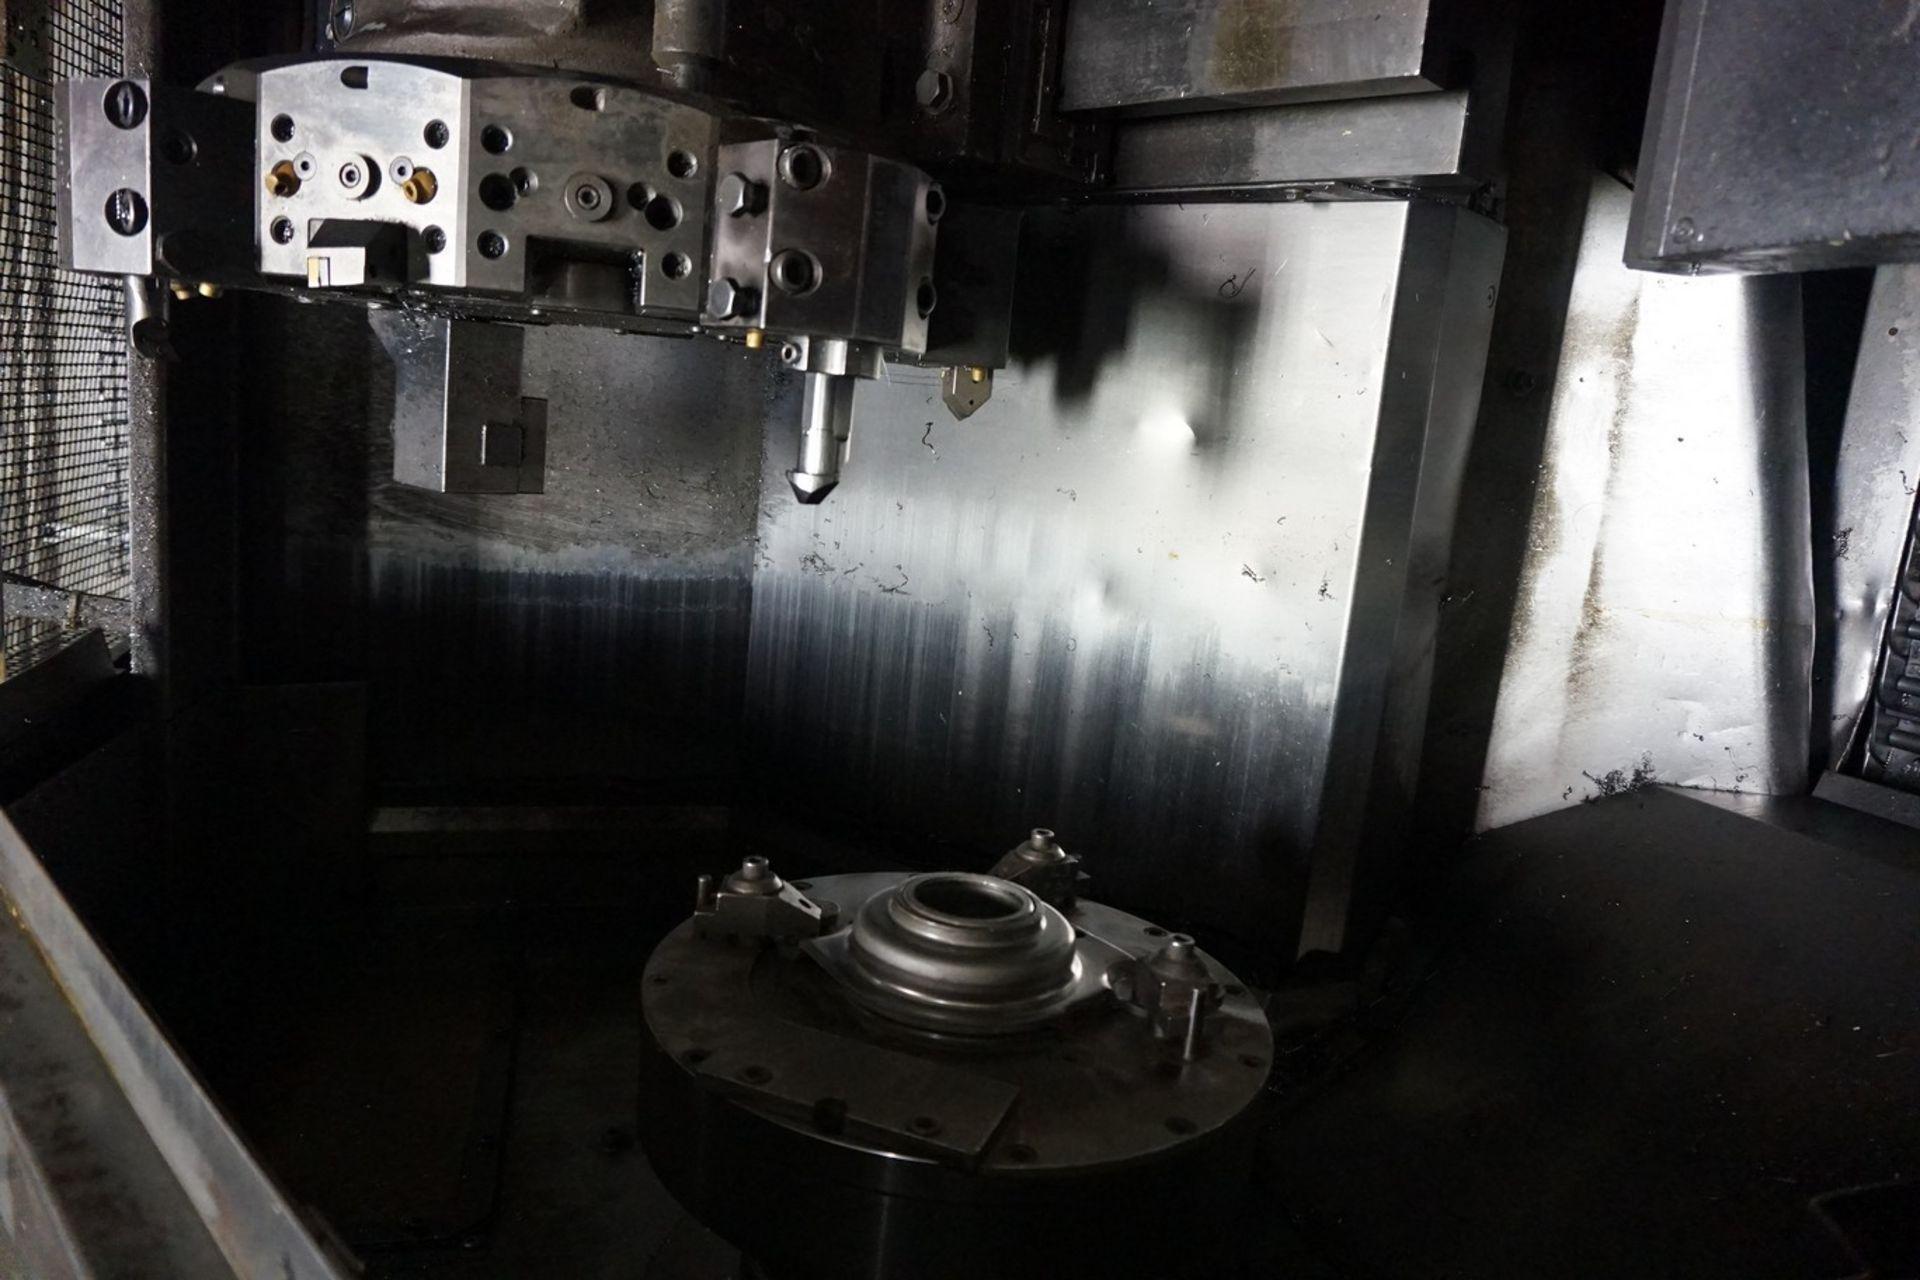 Okuma Model LB15 CNC Lathe 220/440V with Enomoto Chip Conveyor, Transformer - Image 3 of 6